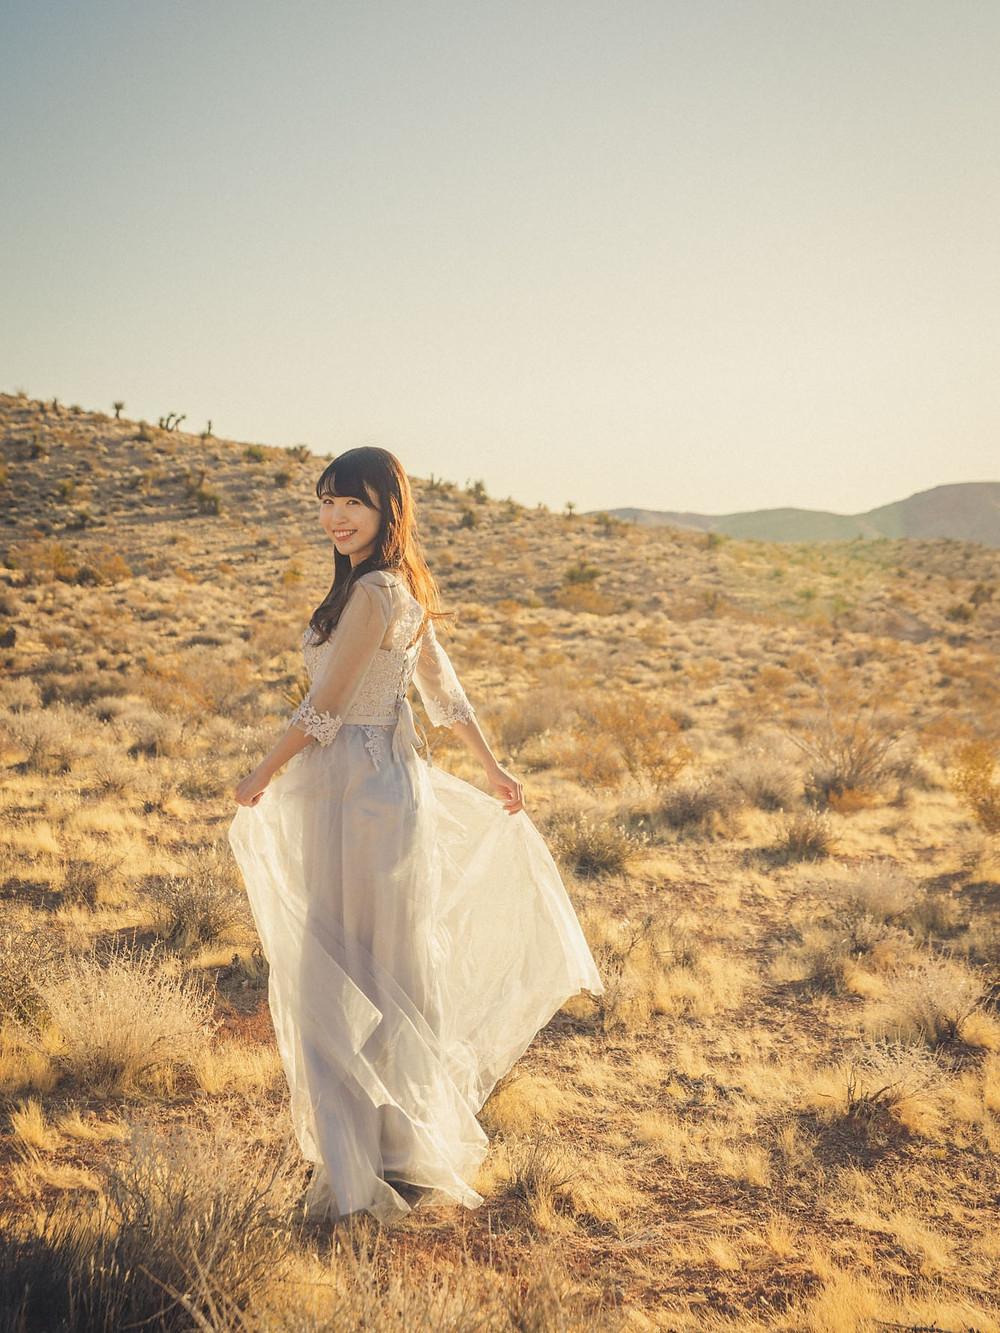 ラスベガス 砂漠エリア ブライダル撮影 振り返ってほほ笑む花嫁